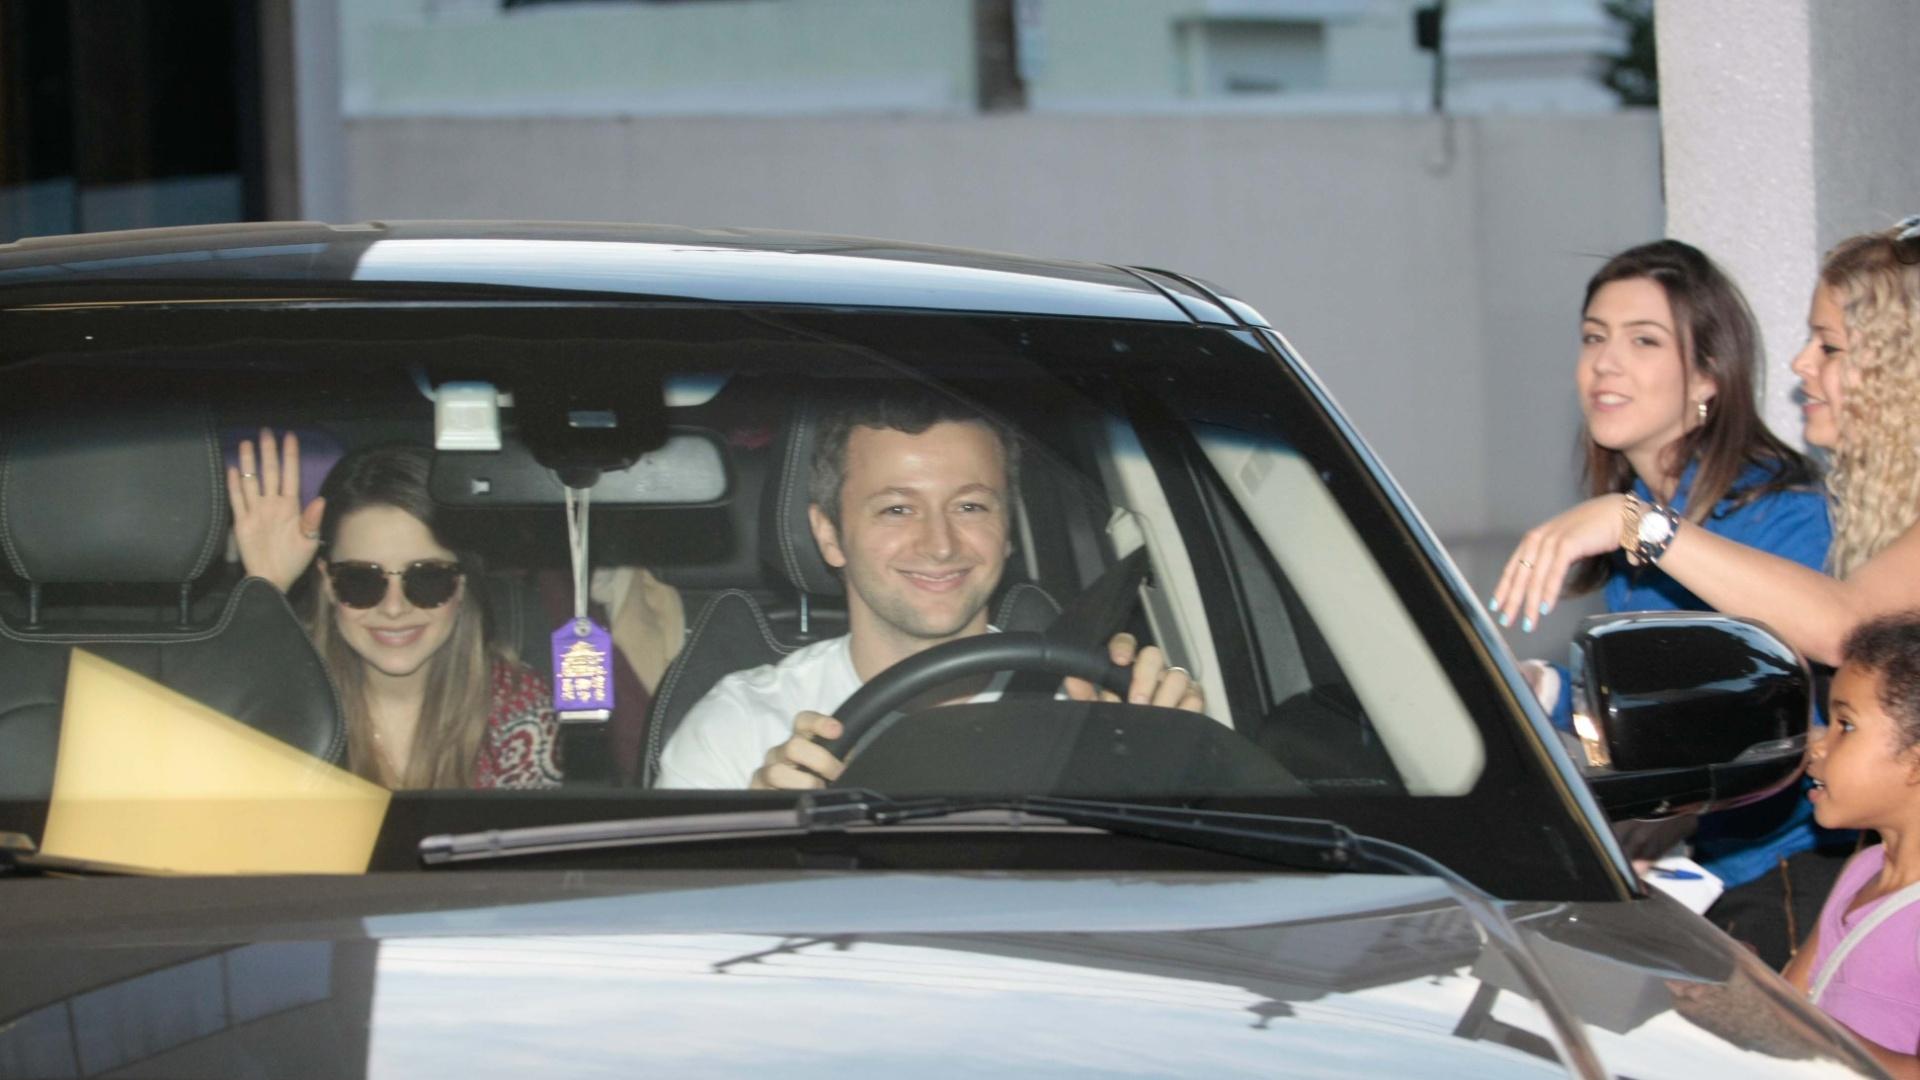 26.jun.2014 - Sandy deixou a maternidade Vera Cruz em Campinas, em São Paulo. A cantora deu à luz seu primeiro filho, Theo